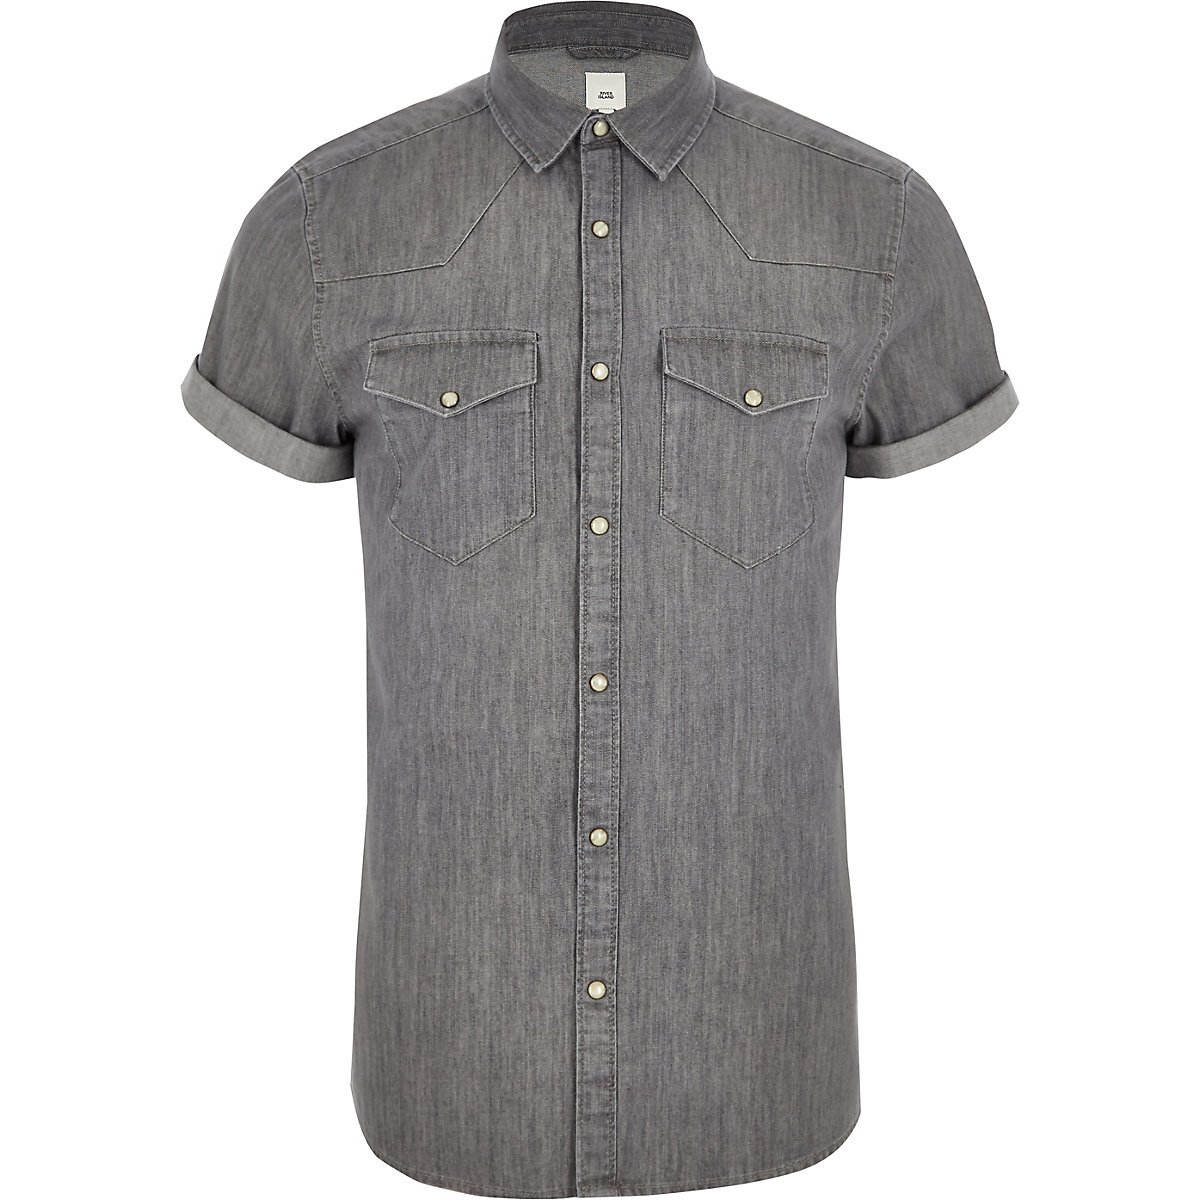 Grey western style slim fit denim shirt